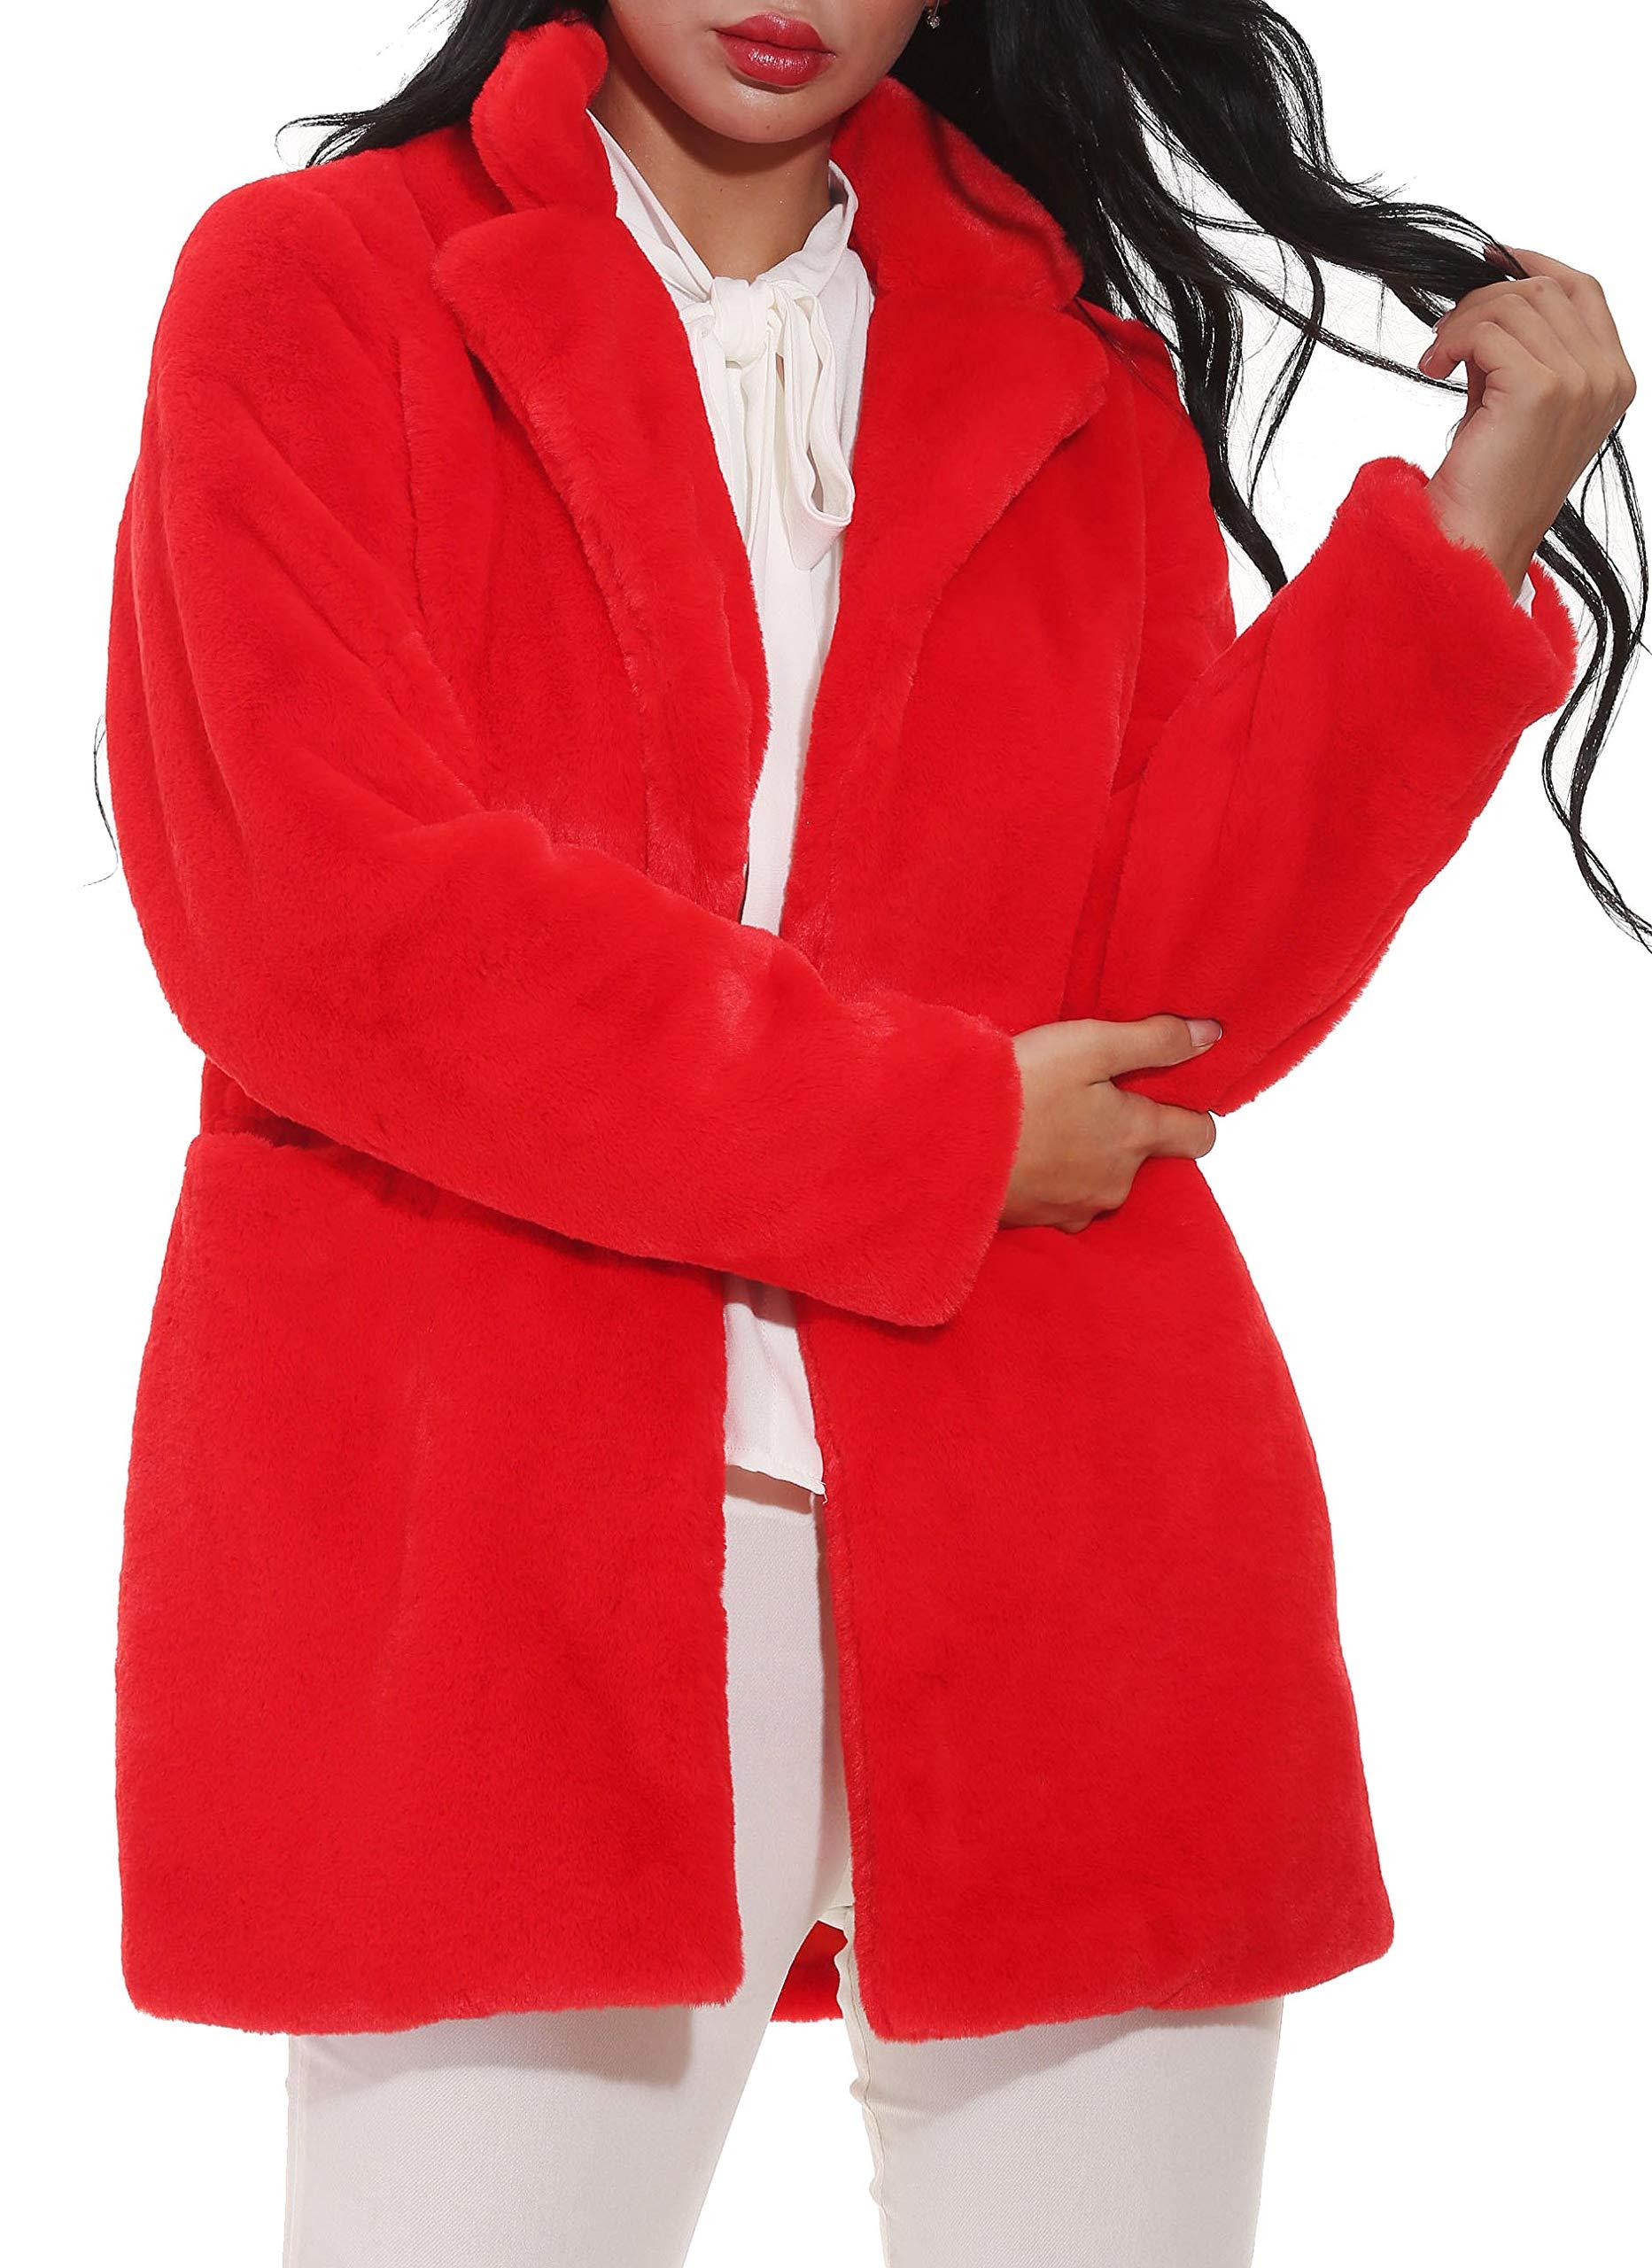 Hishoes Mujer Abrigo de Piel sintética Elegante Abrigos Chaquetas de Pelo  Sintético de Manga Larga Cárdigan e67ce3d1b342